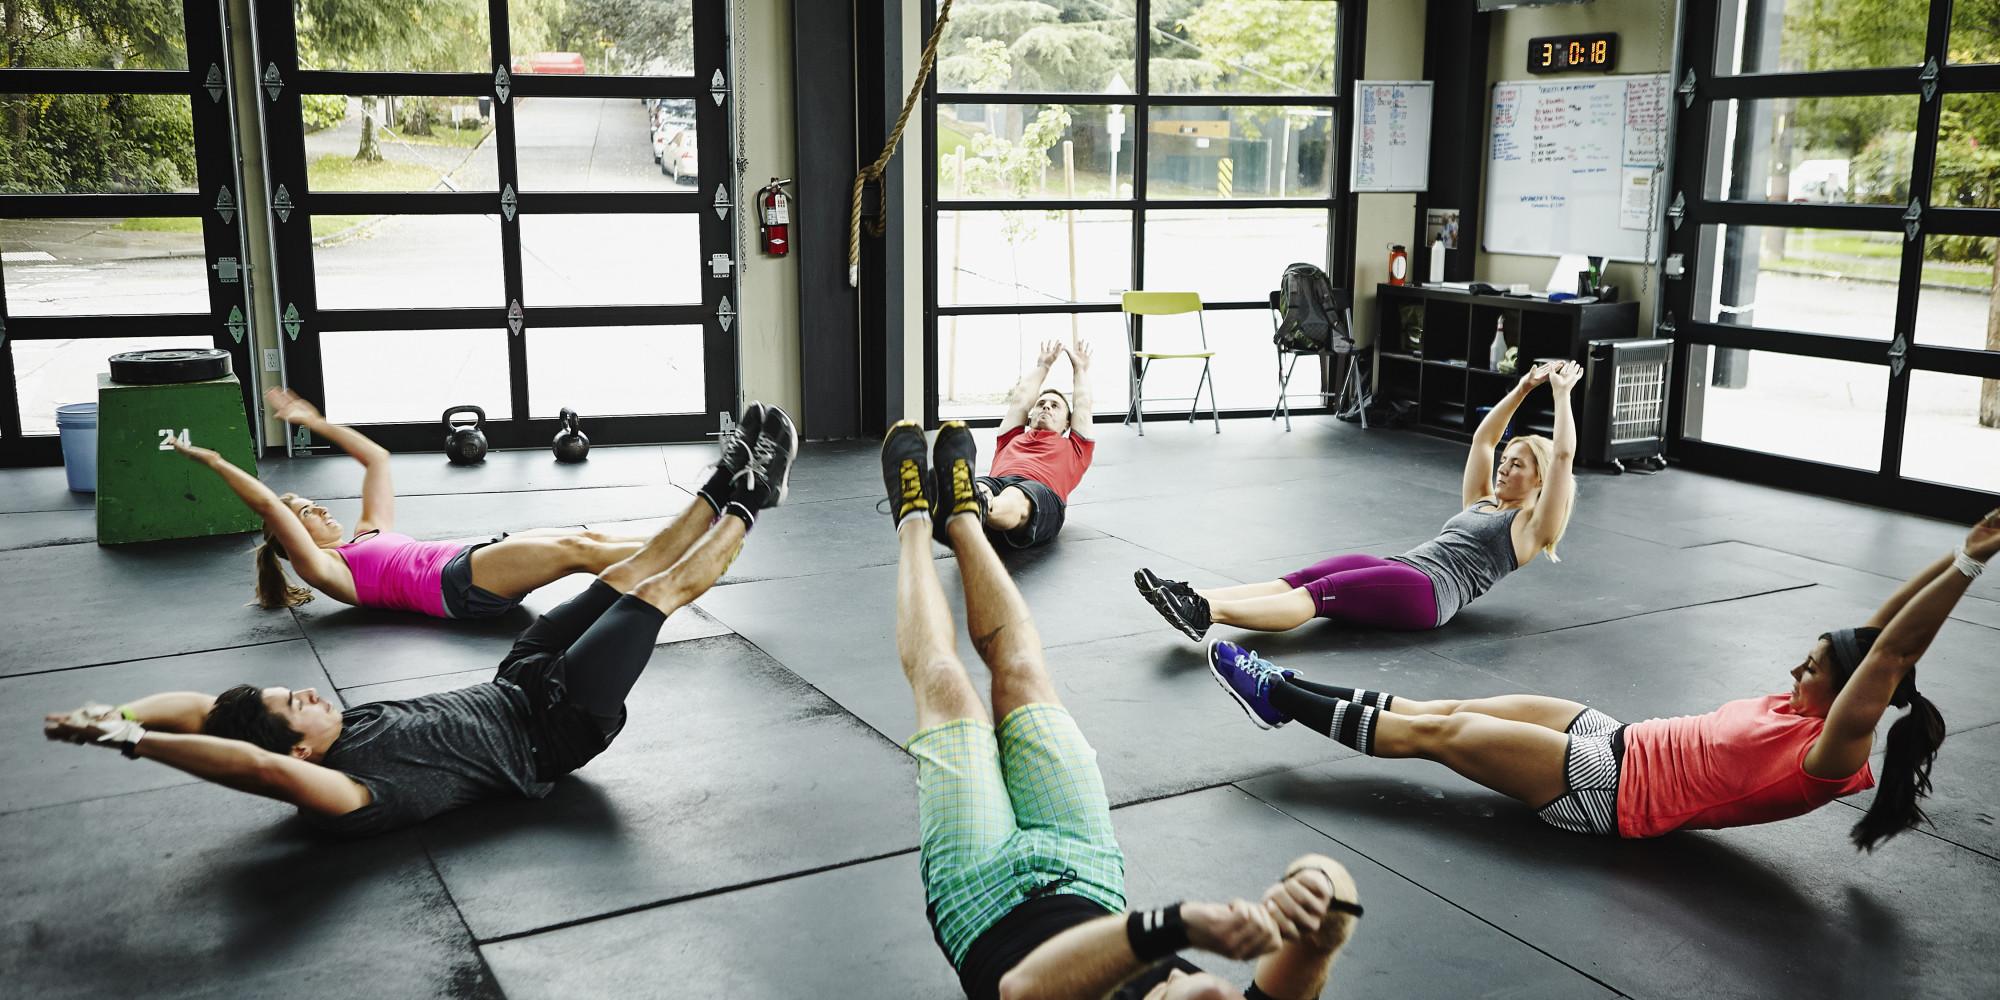 Image du slider - Employés dans un cours de gymnastique